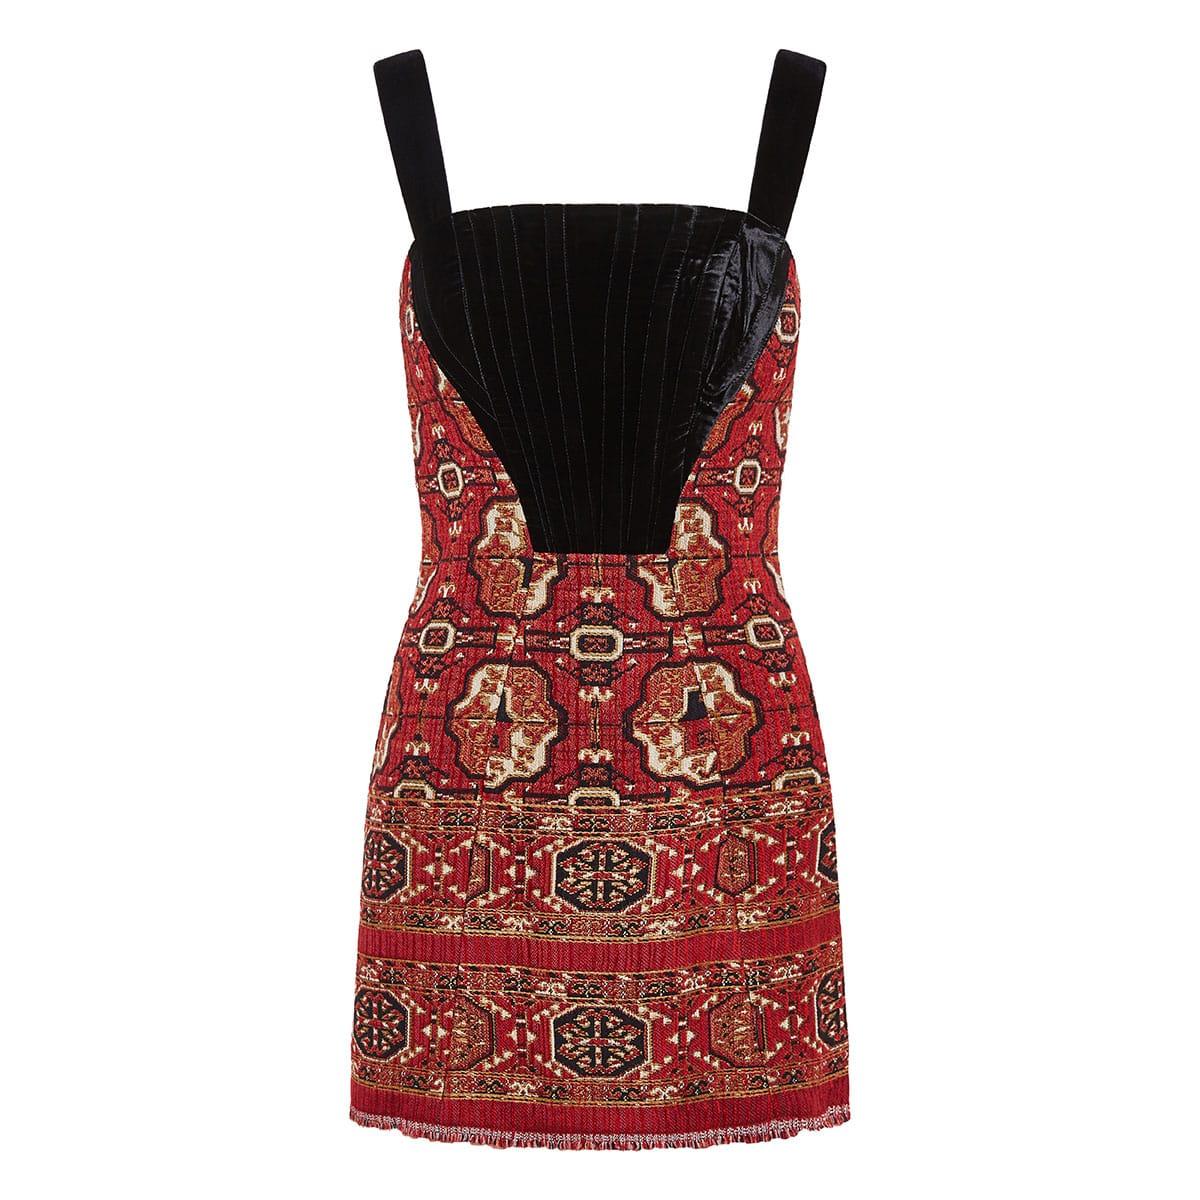 Velvet-paneled jacquard mini dress